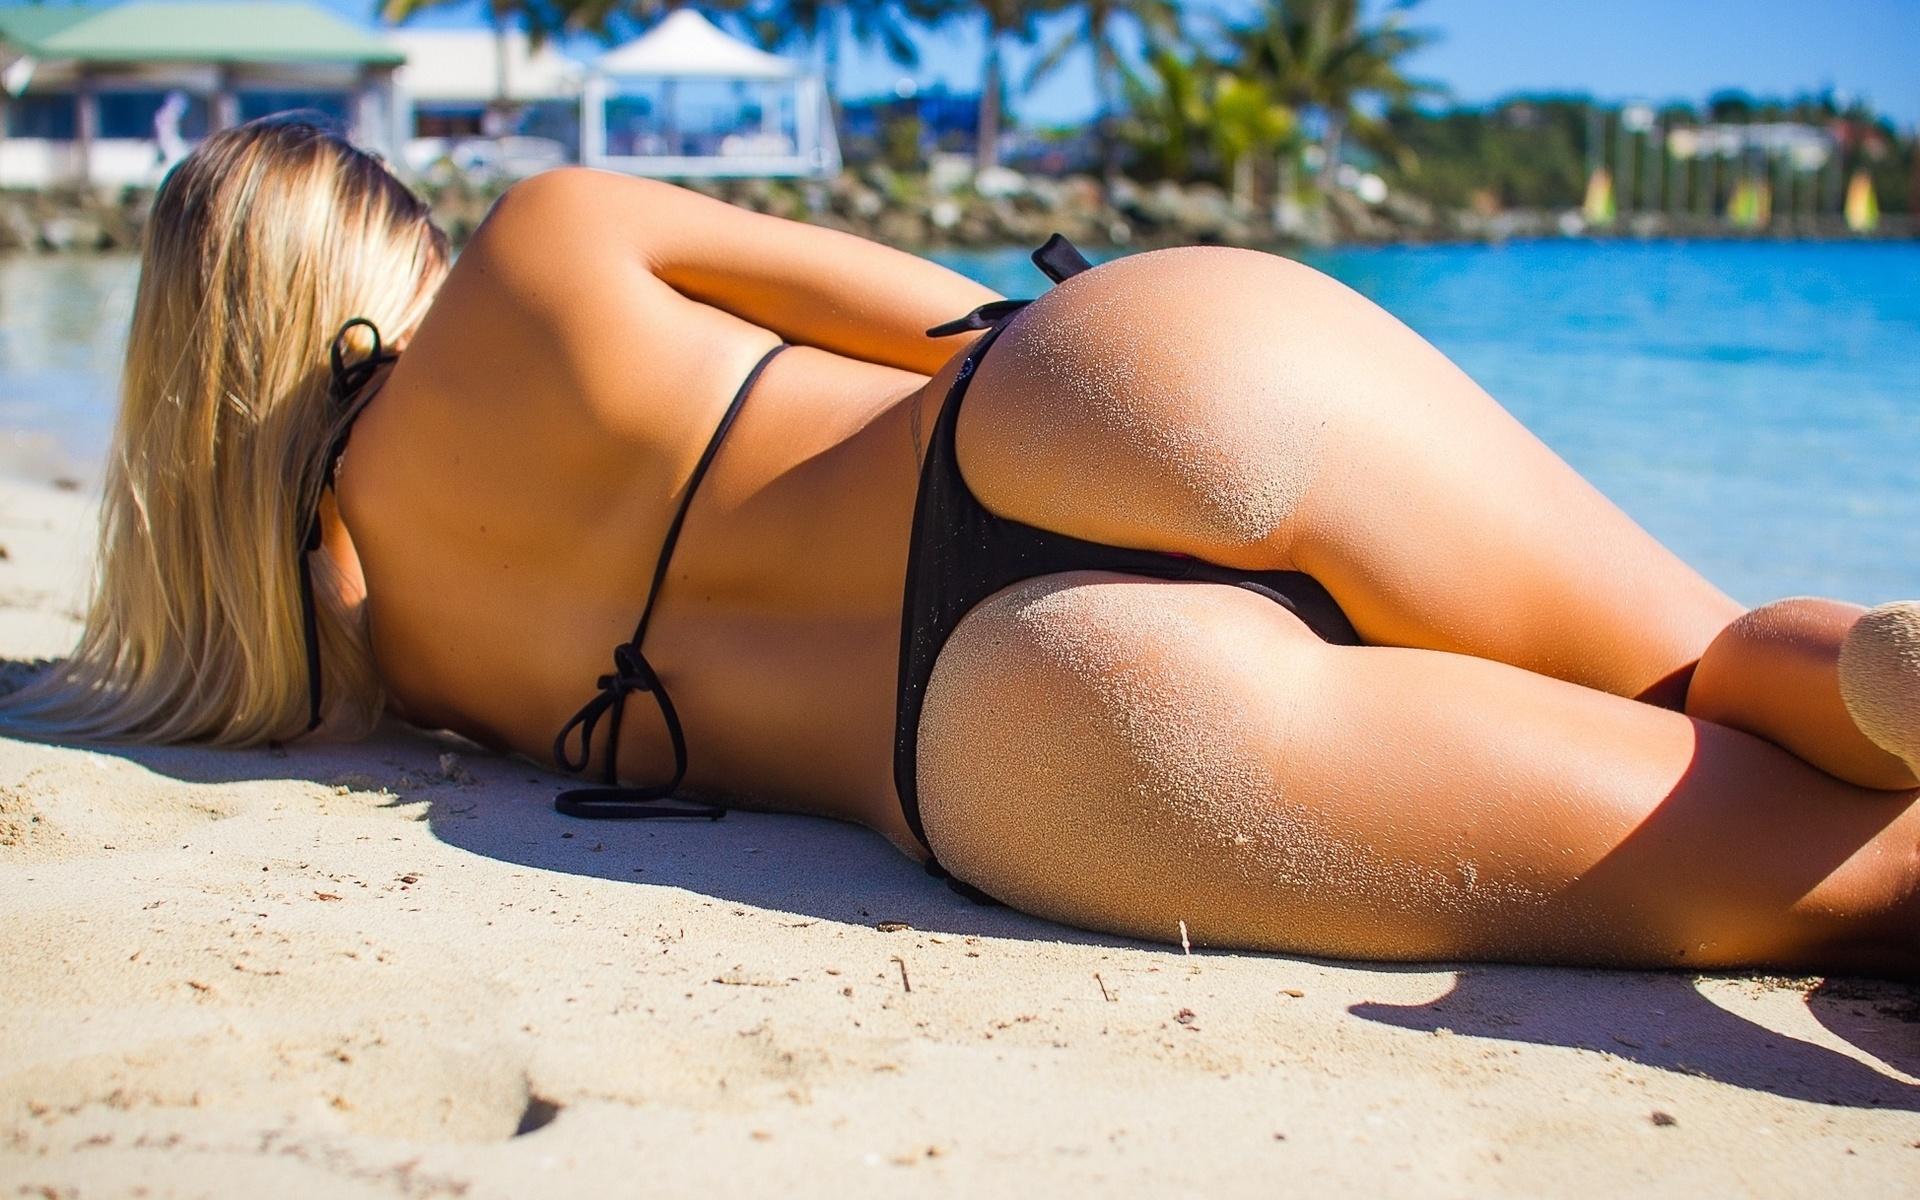 отстранился попы на пляже в купальниках фото рубашка